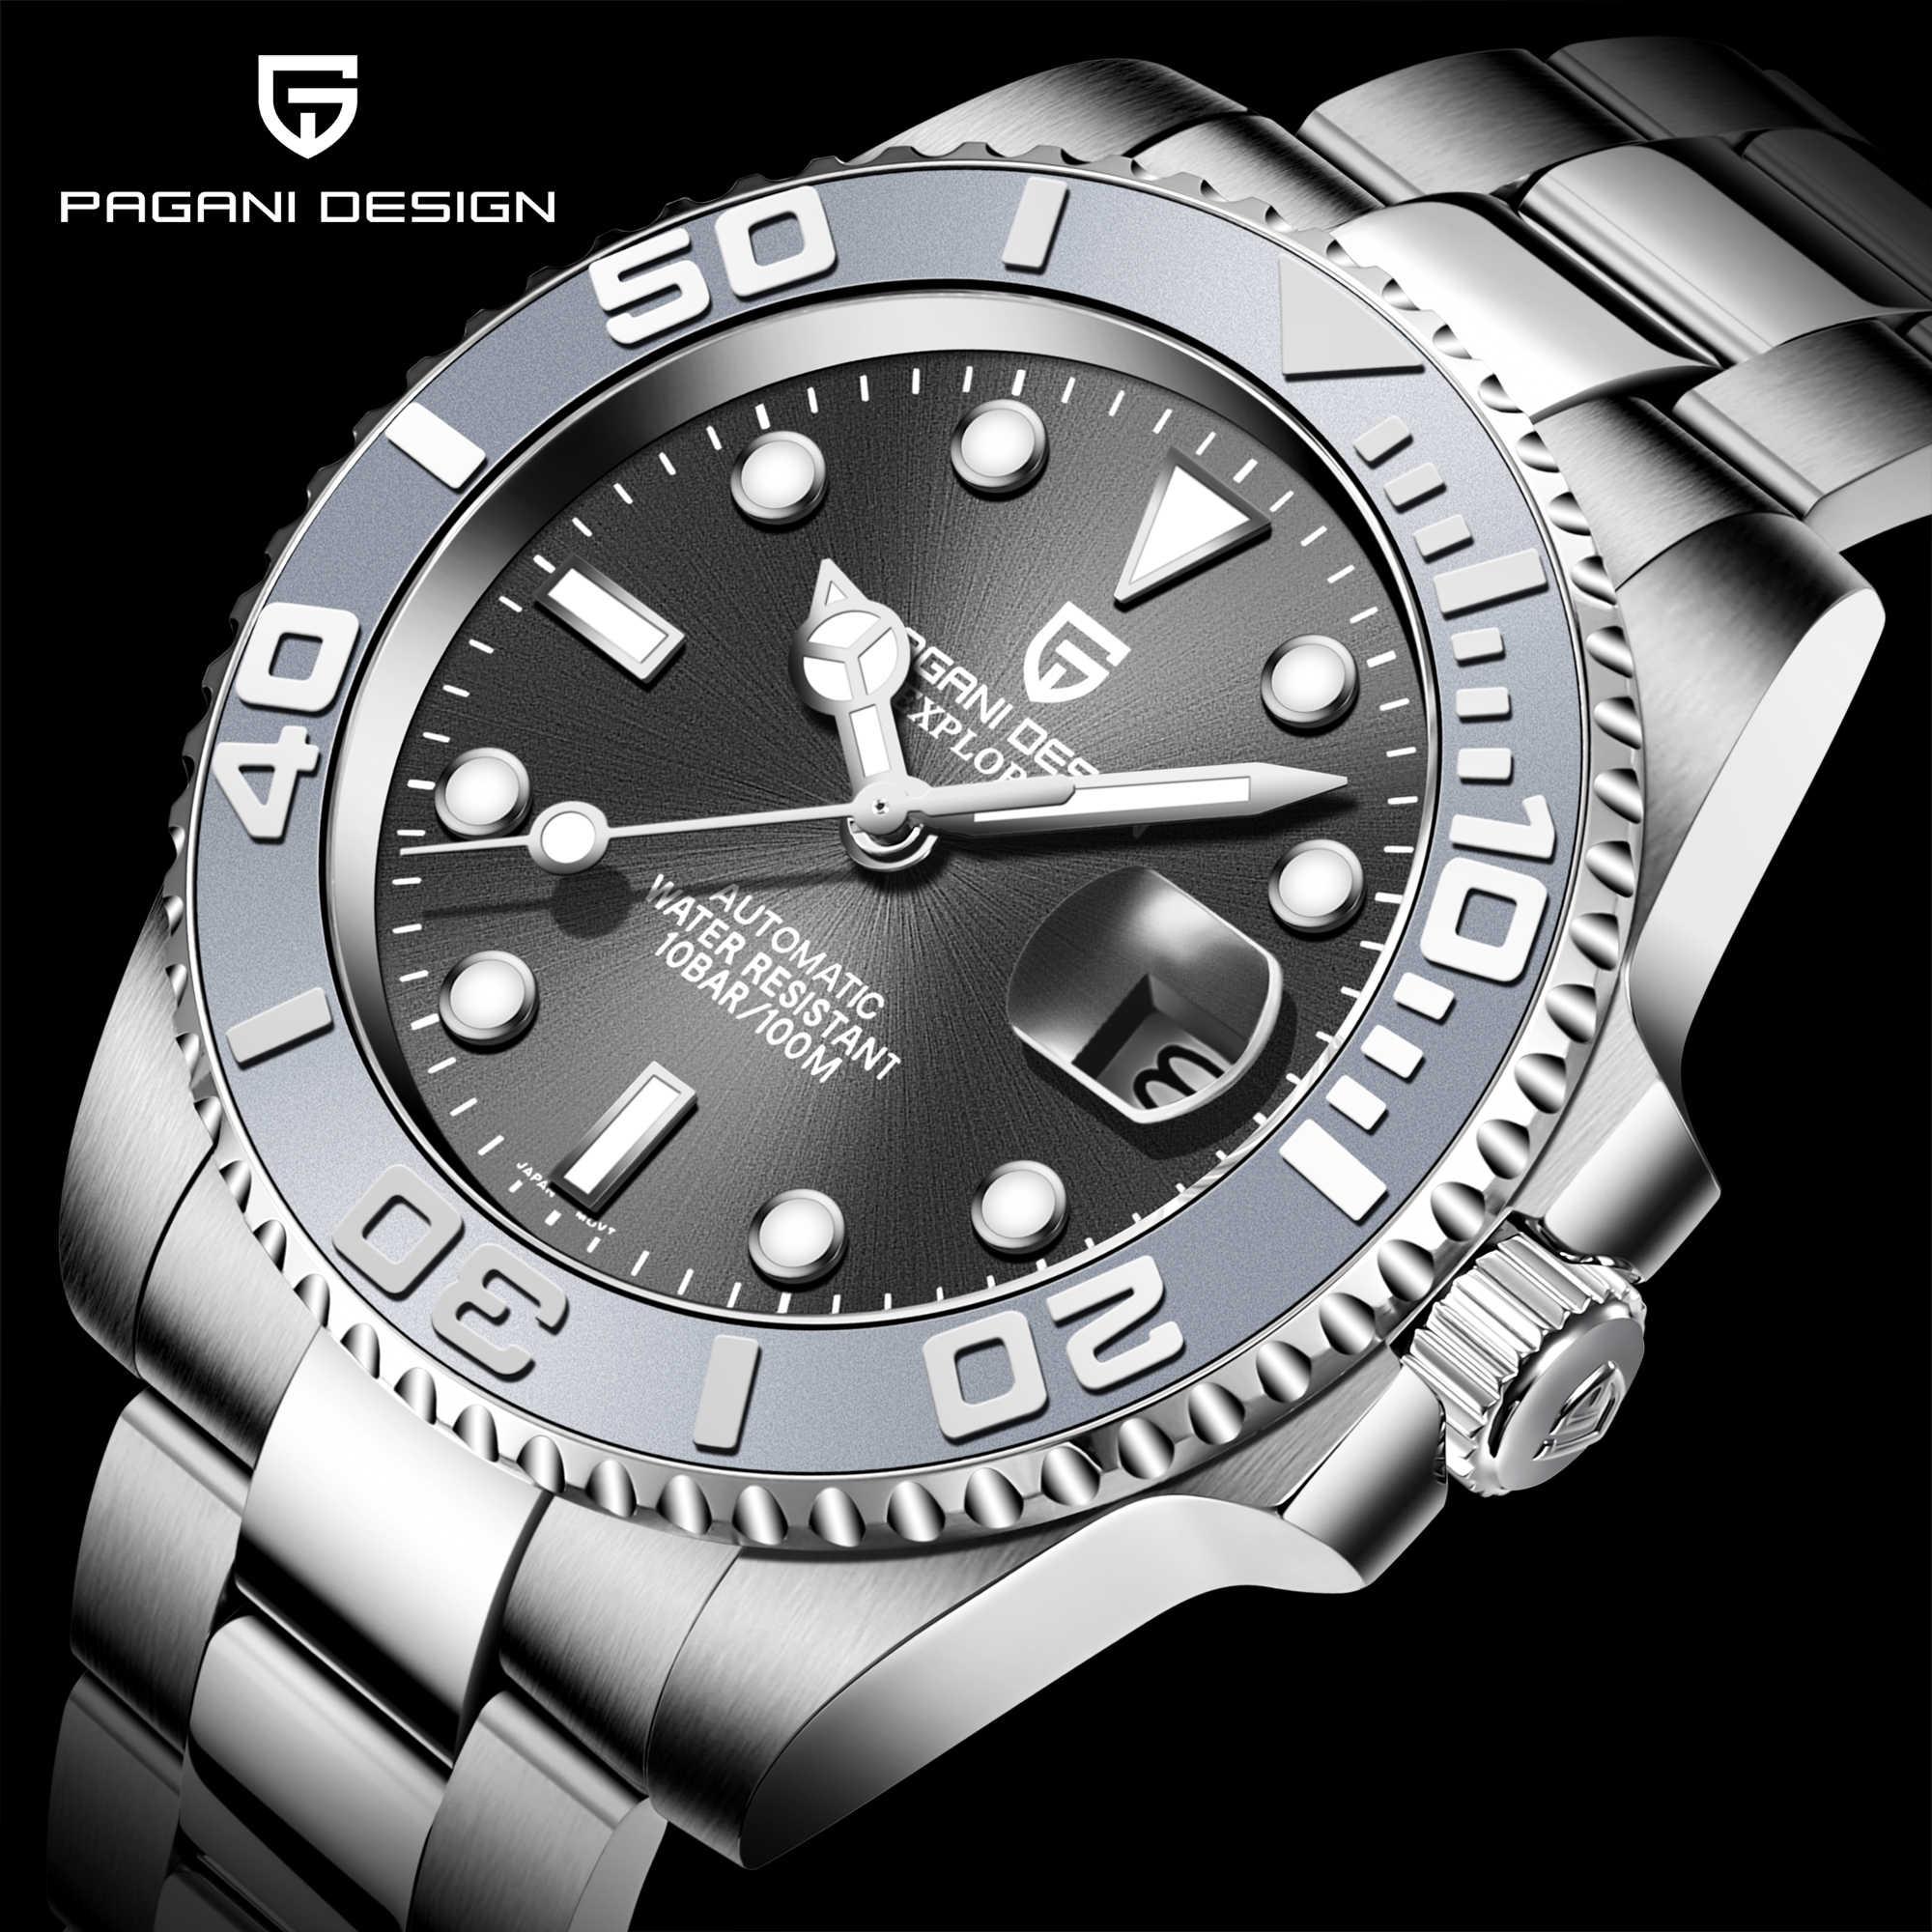 パガーニデザインのメンズ腕時計自動サファイア高級機械式腕時計ステンレス鋼防水時計男性mekaniska klockor